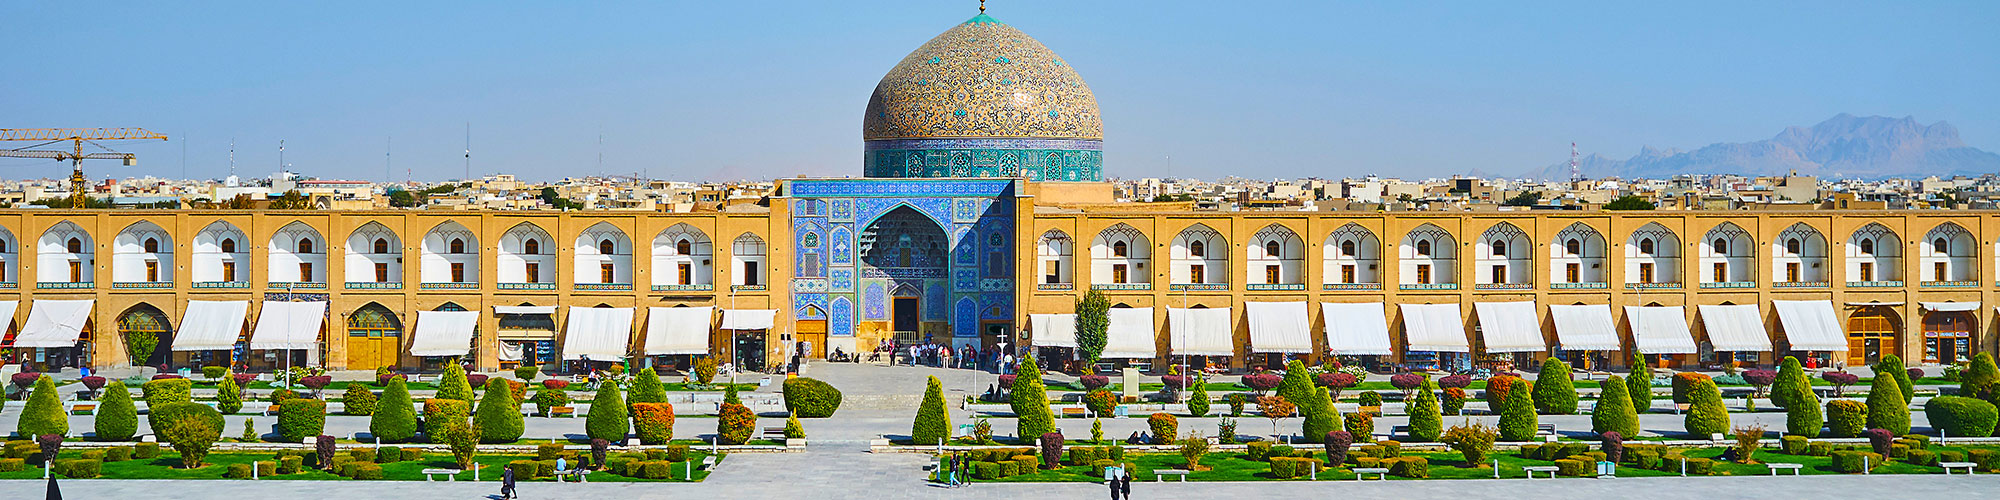 Persia, vestigios de un imperio - EL PAIS Viajes